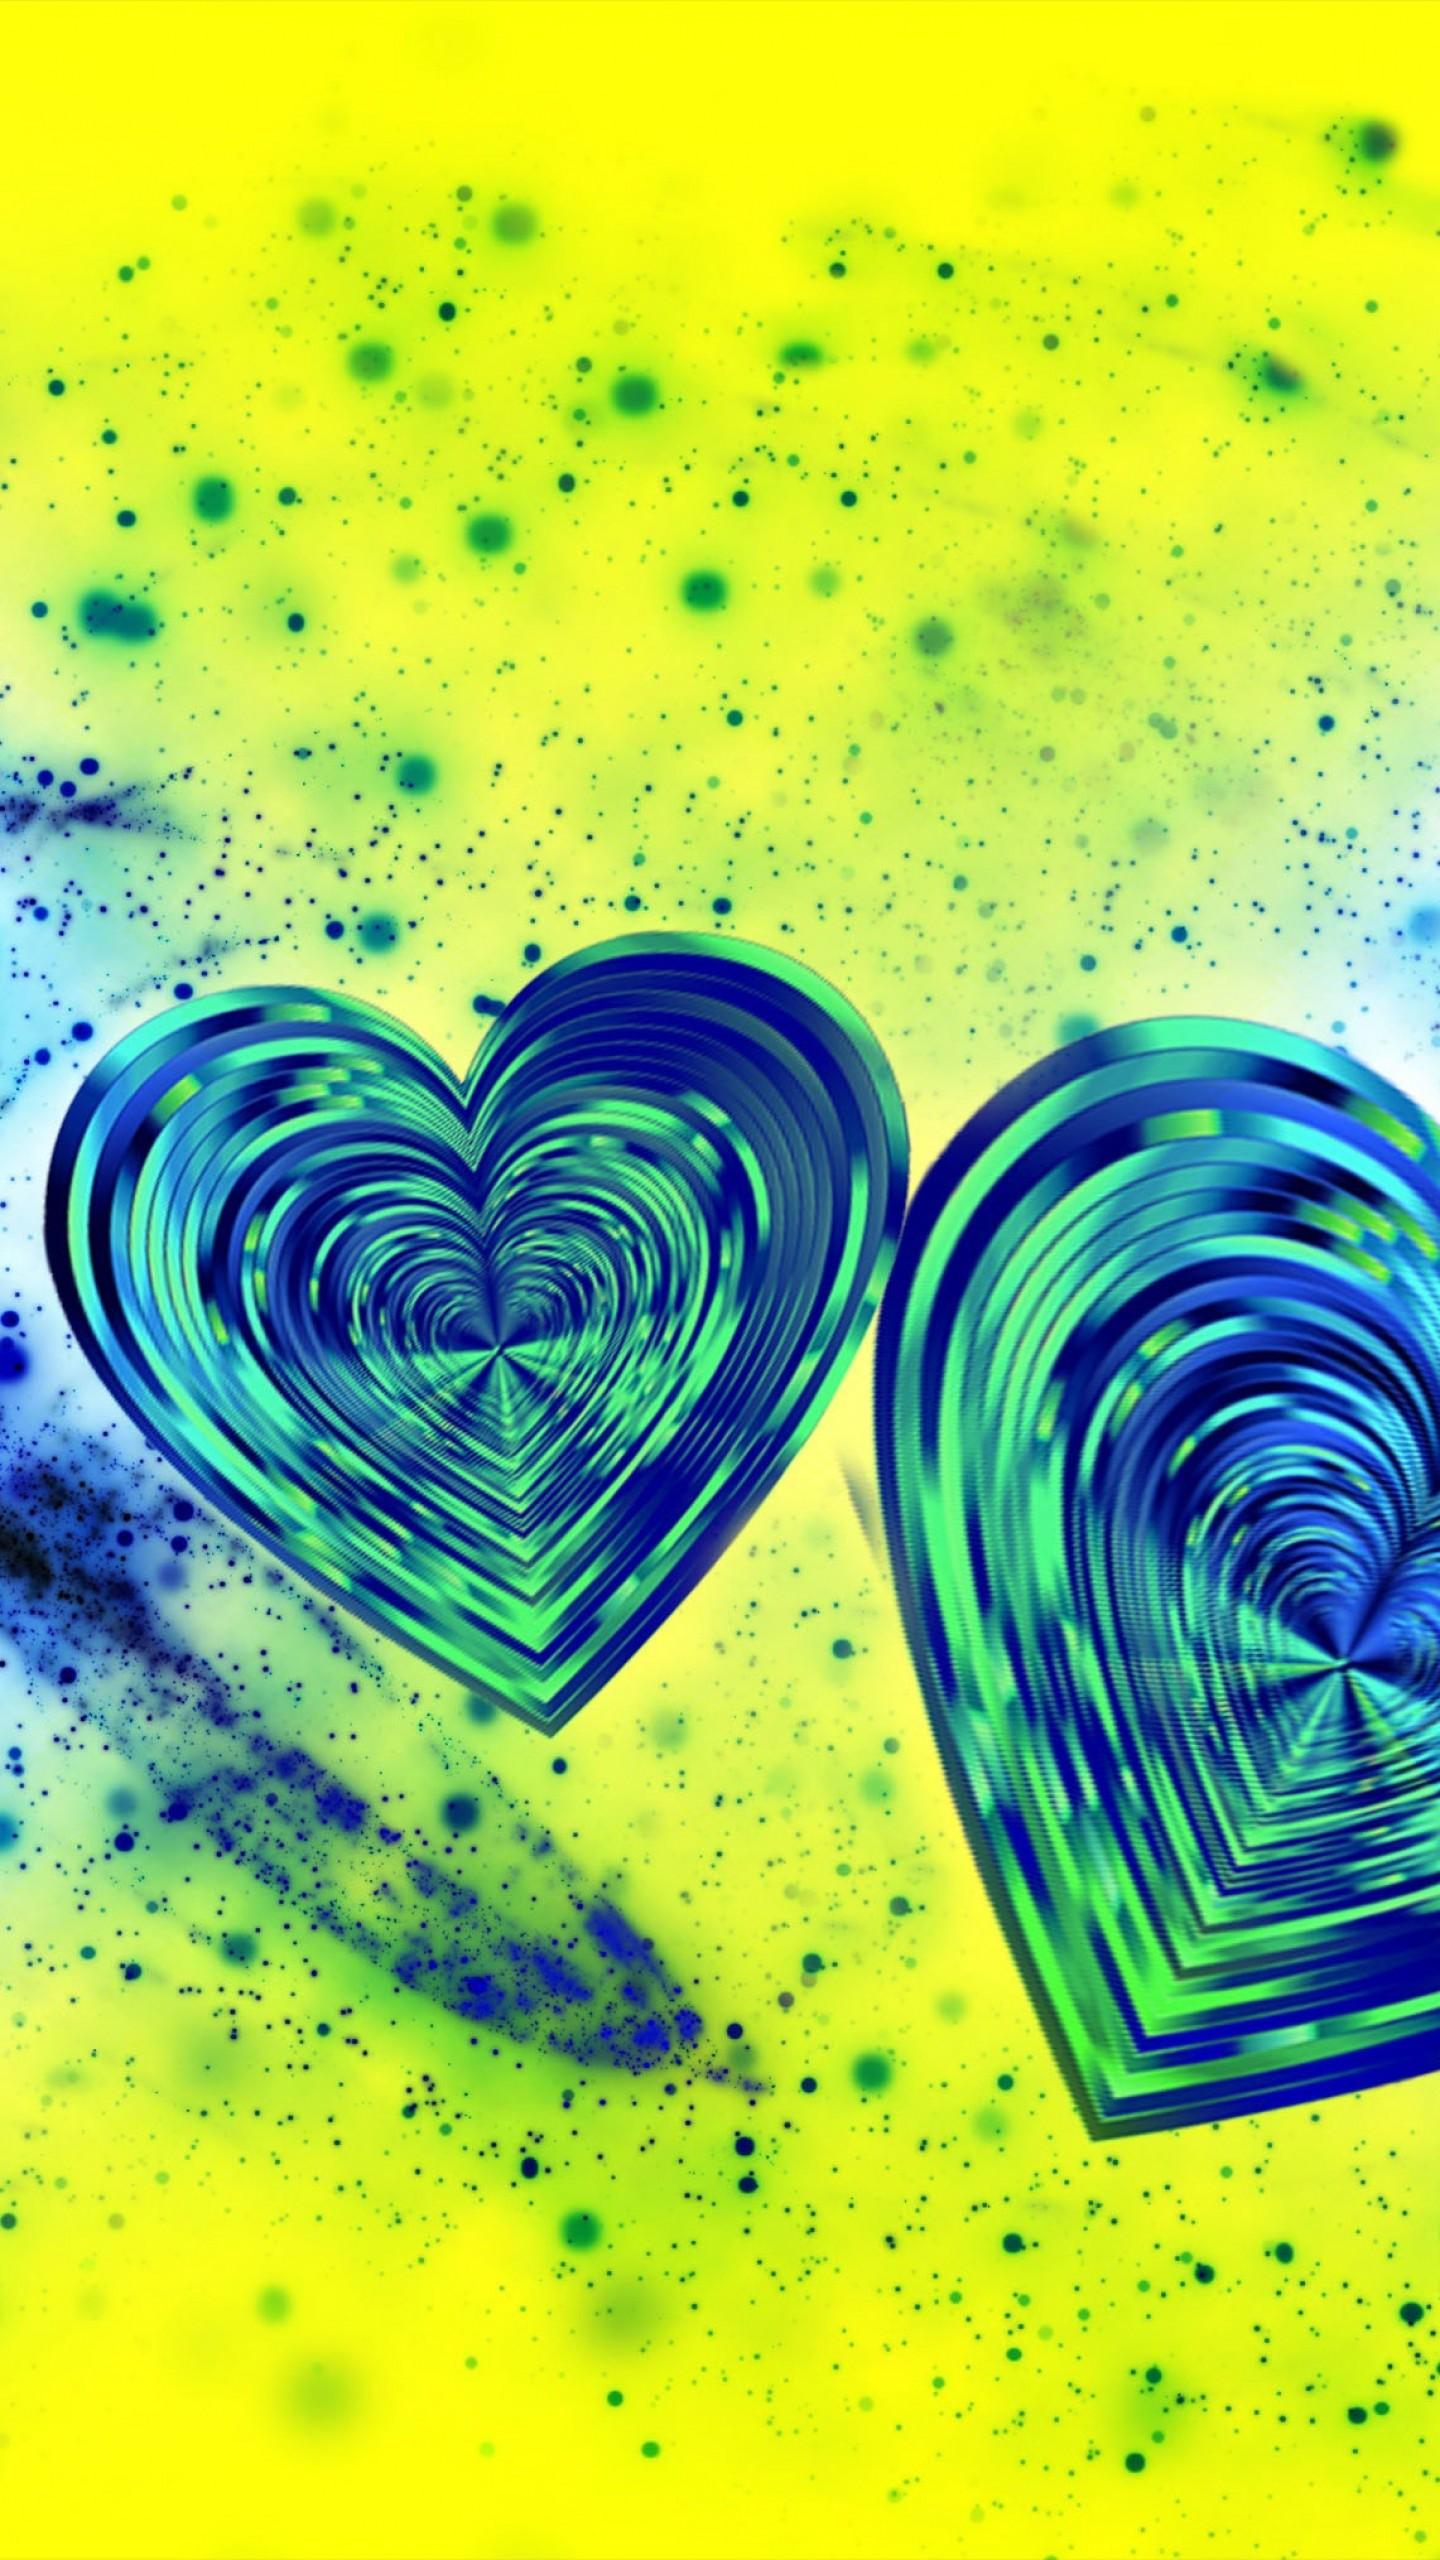 عکس زمینه قلب های آبی رنگ در صفحه زرد پس زمینه